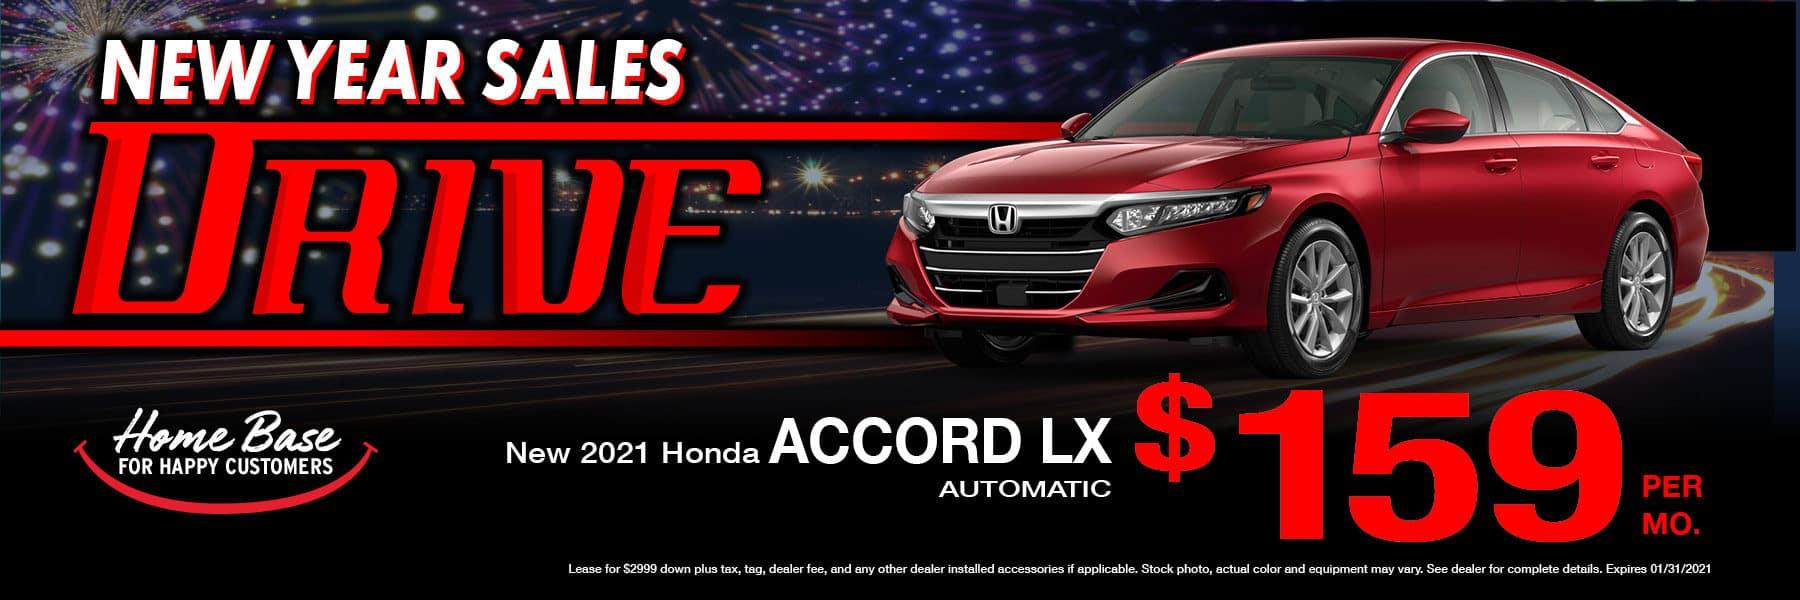 T3966 HQ Honda 1800×600 New Yr3